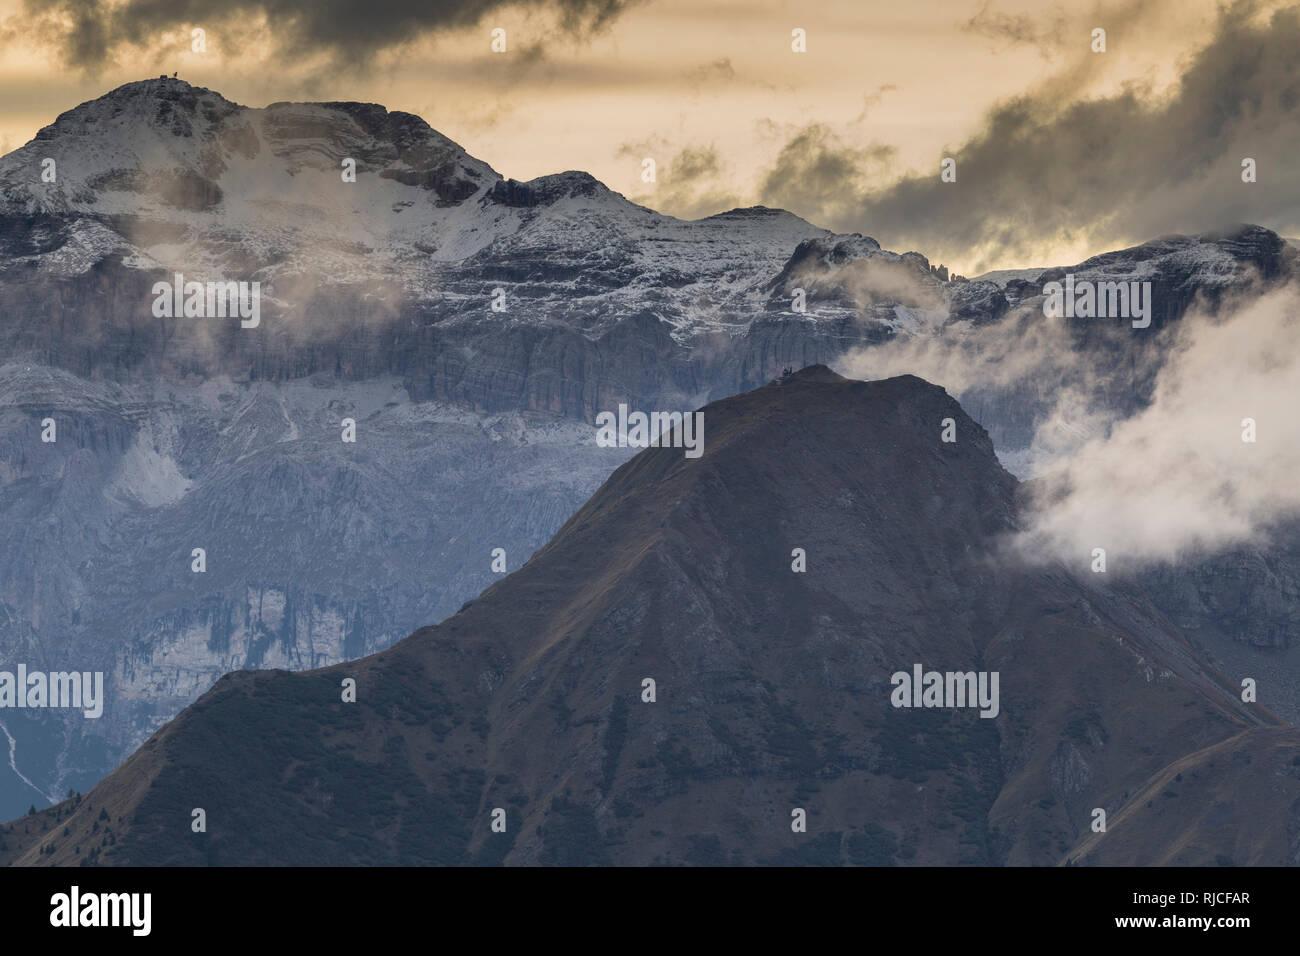 Europe, Italy, Alps, Dolomites, Mountains, Veneto, Belluno, Giau Pass Stock Photo